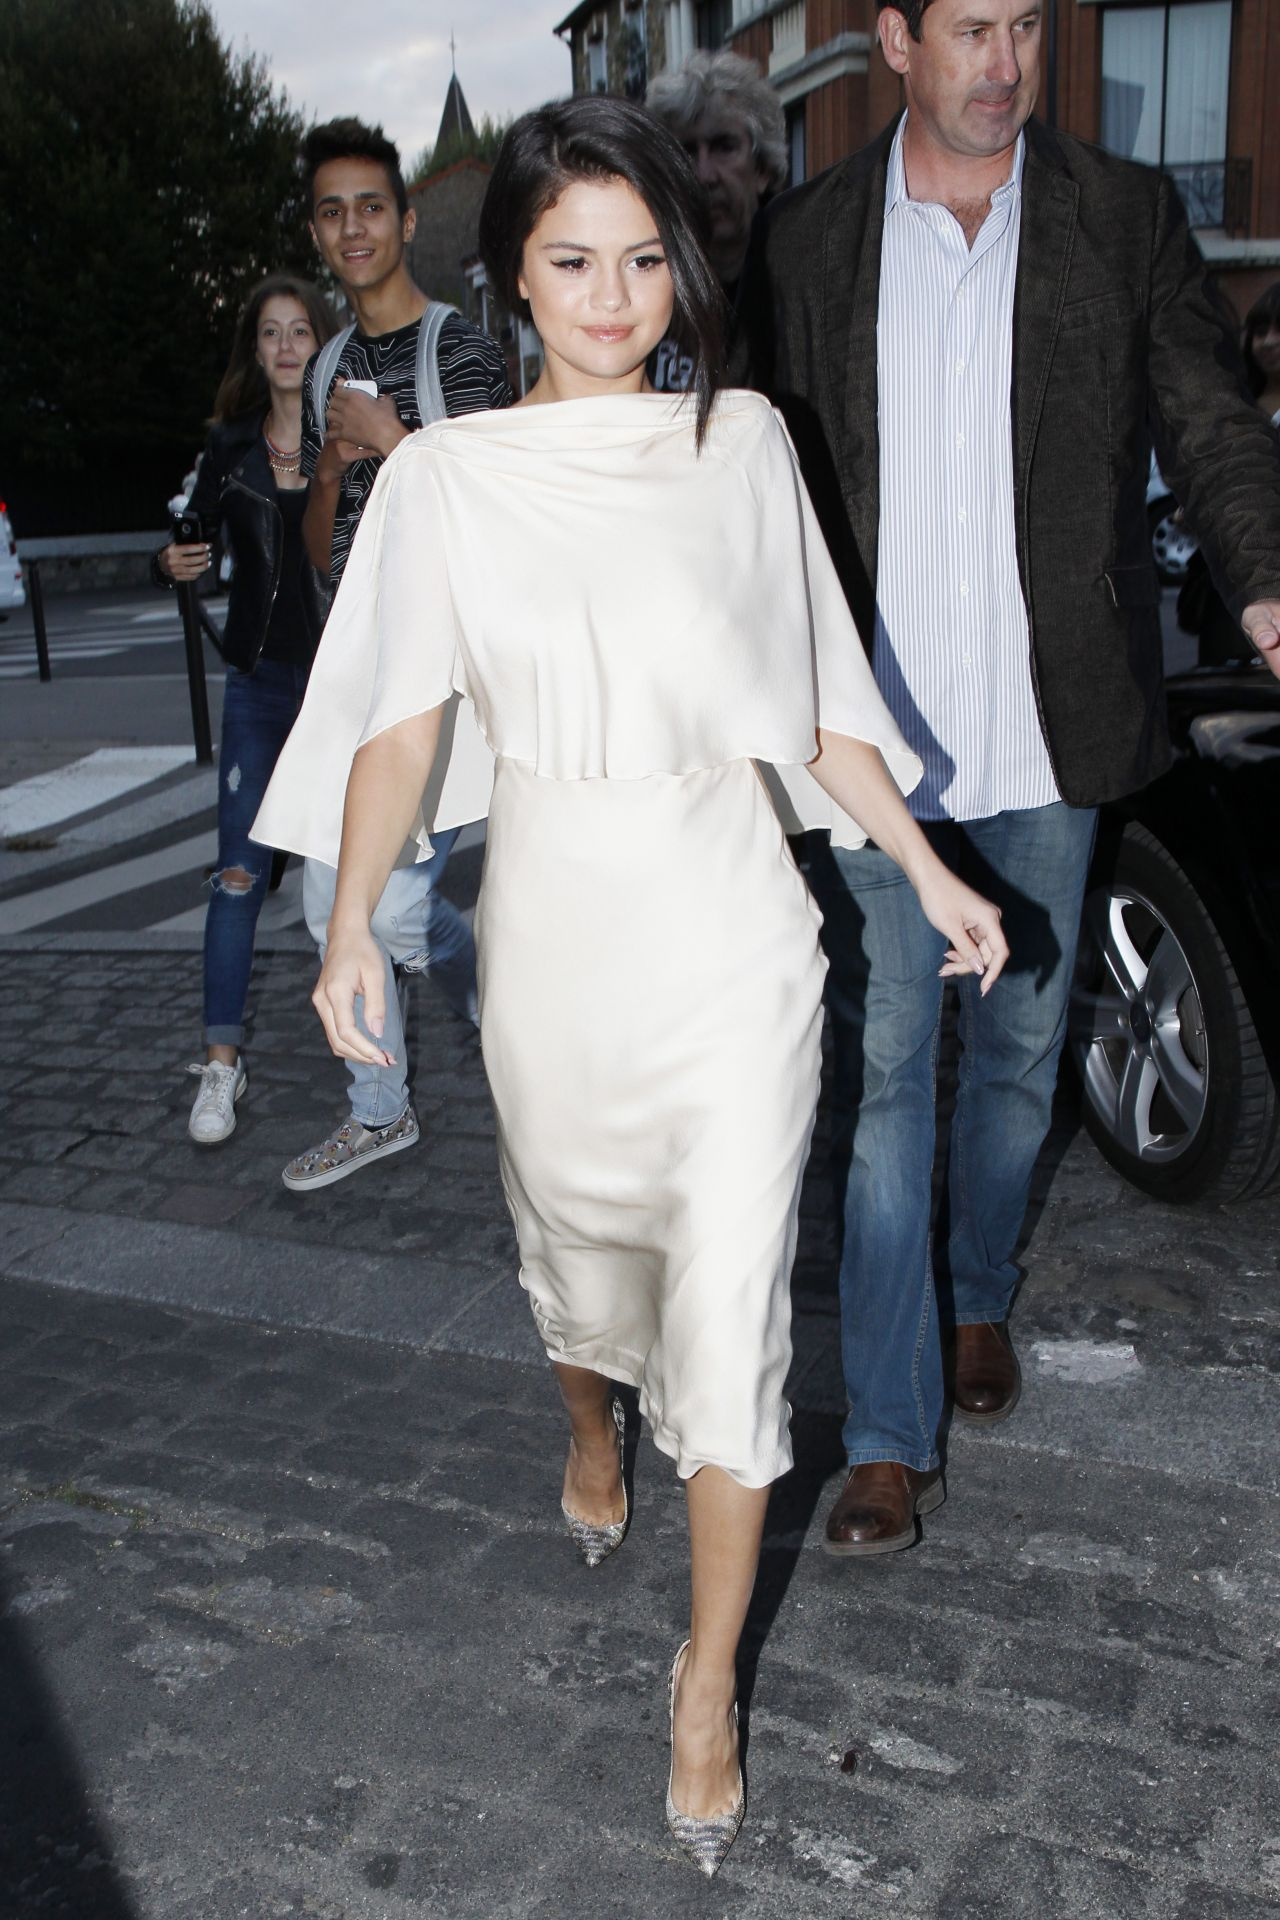 selena-gomez-in-white-dress-leaving-a-recording-studio-in-paris-september-2015_11